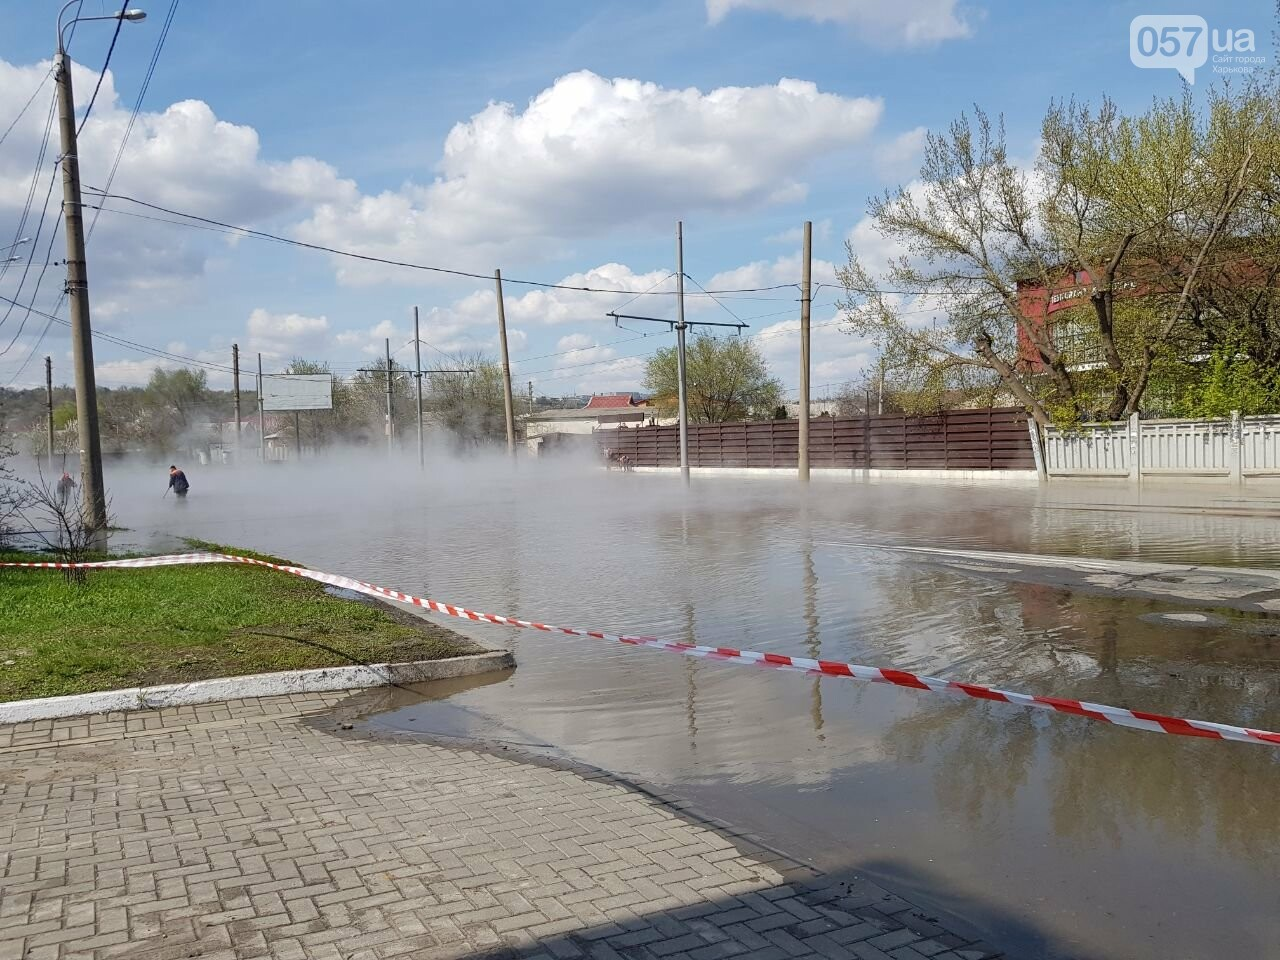 На Киевской часть дороги залило кипятком, - ФОТО, фото-8